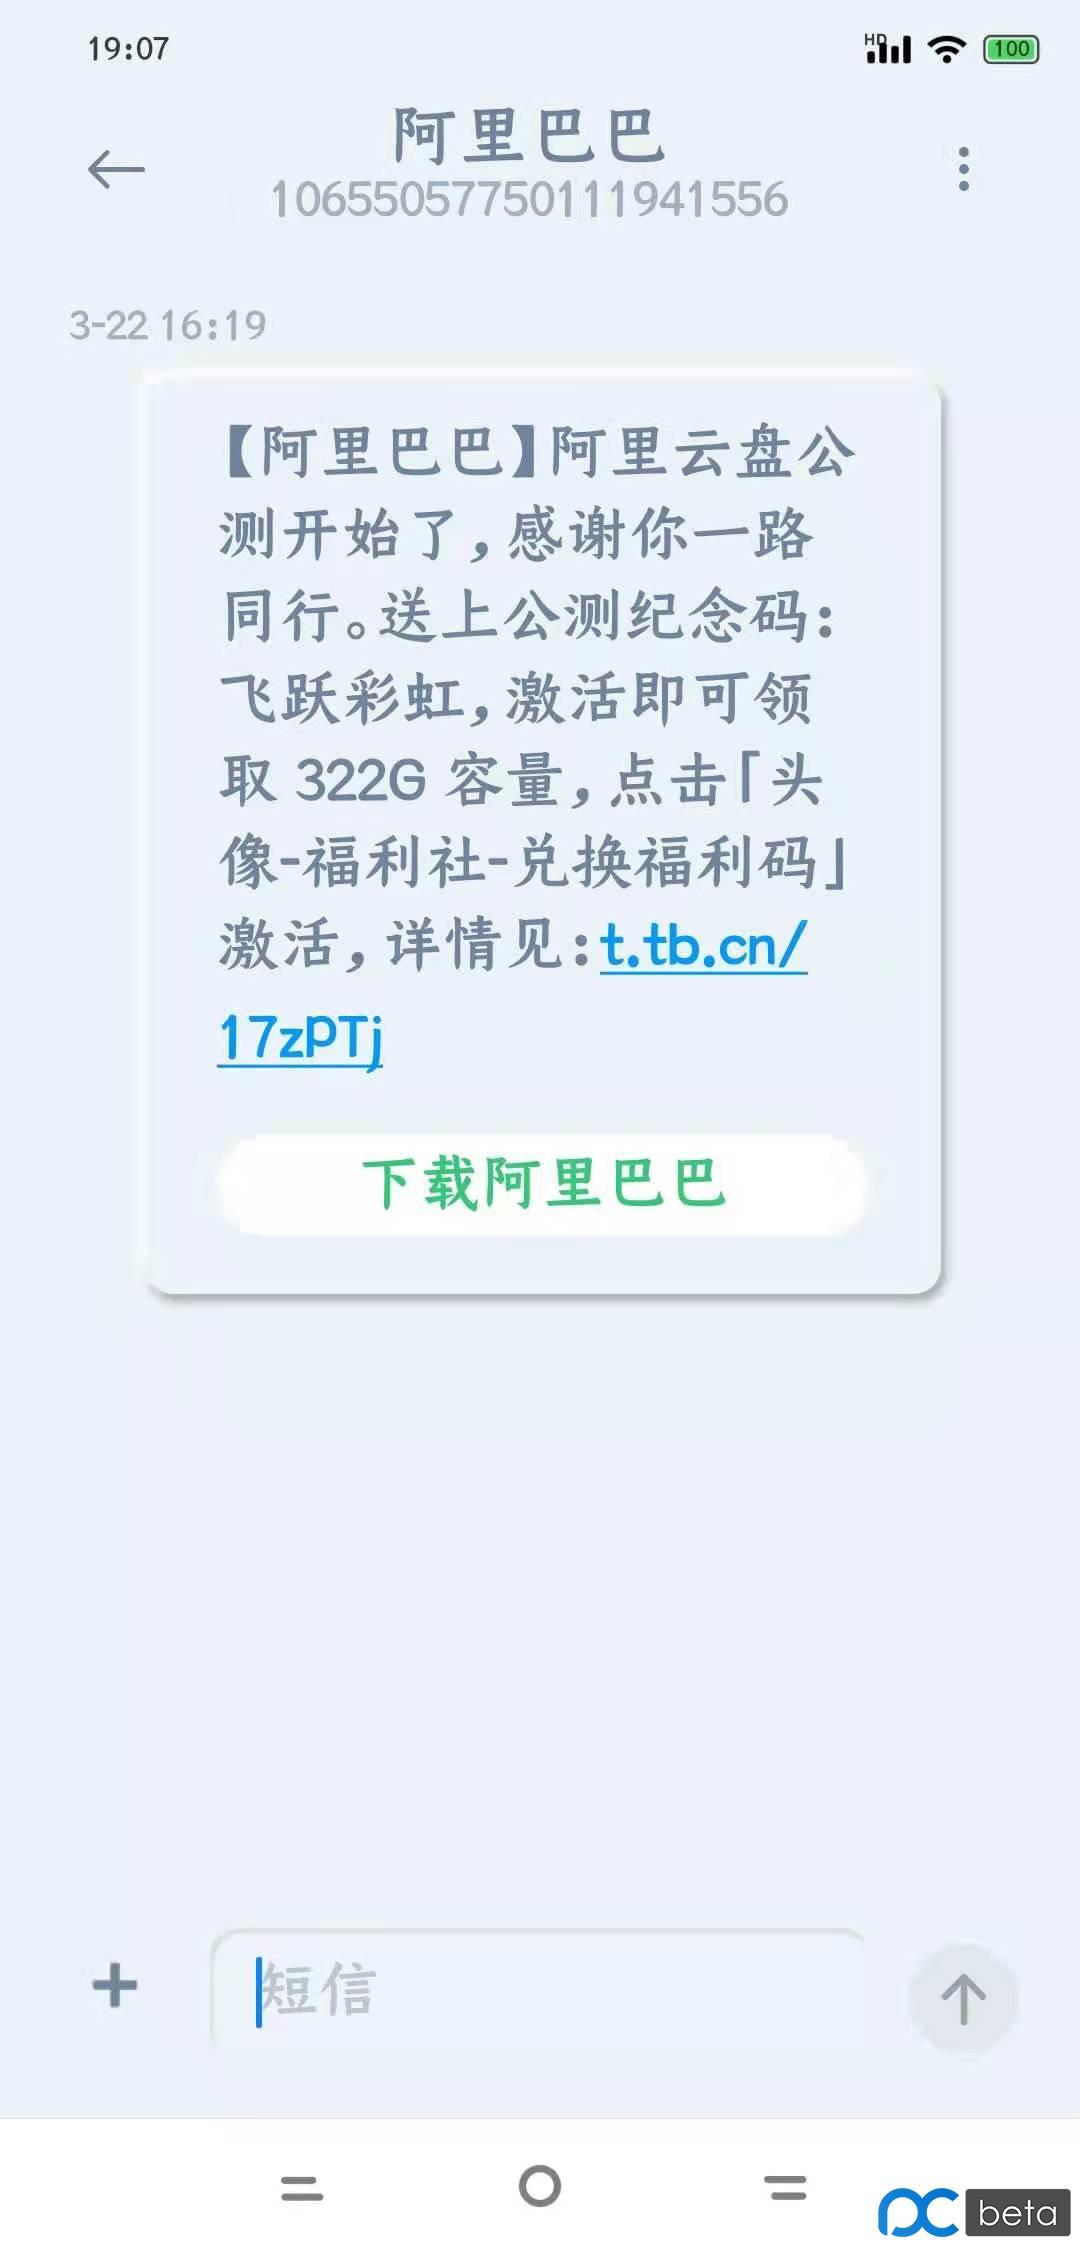 微信图片_20210412190818.jpg